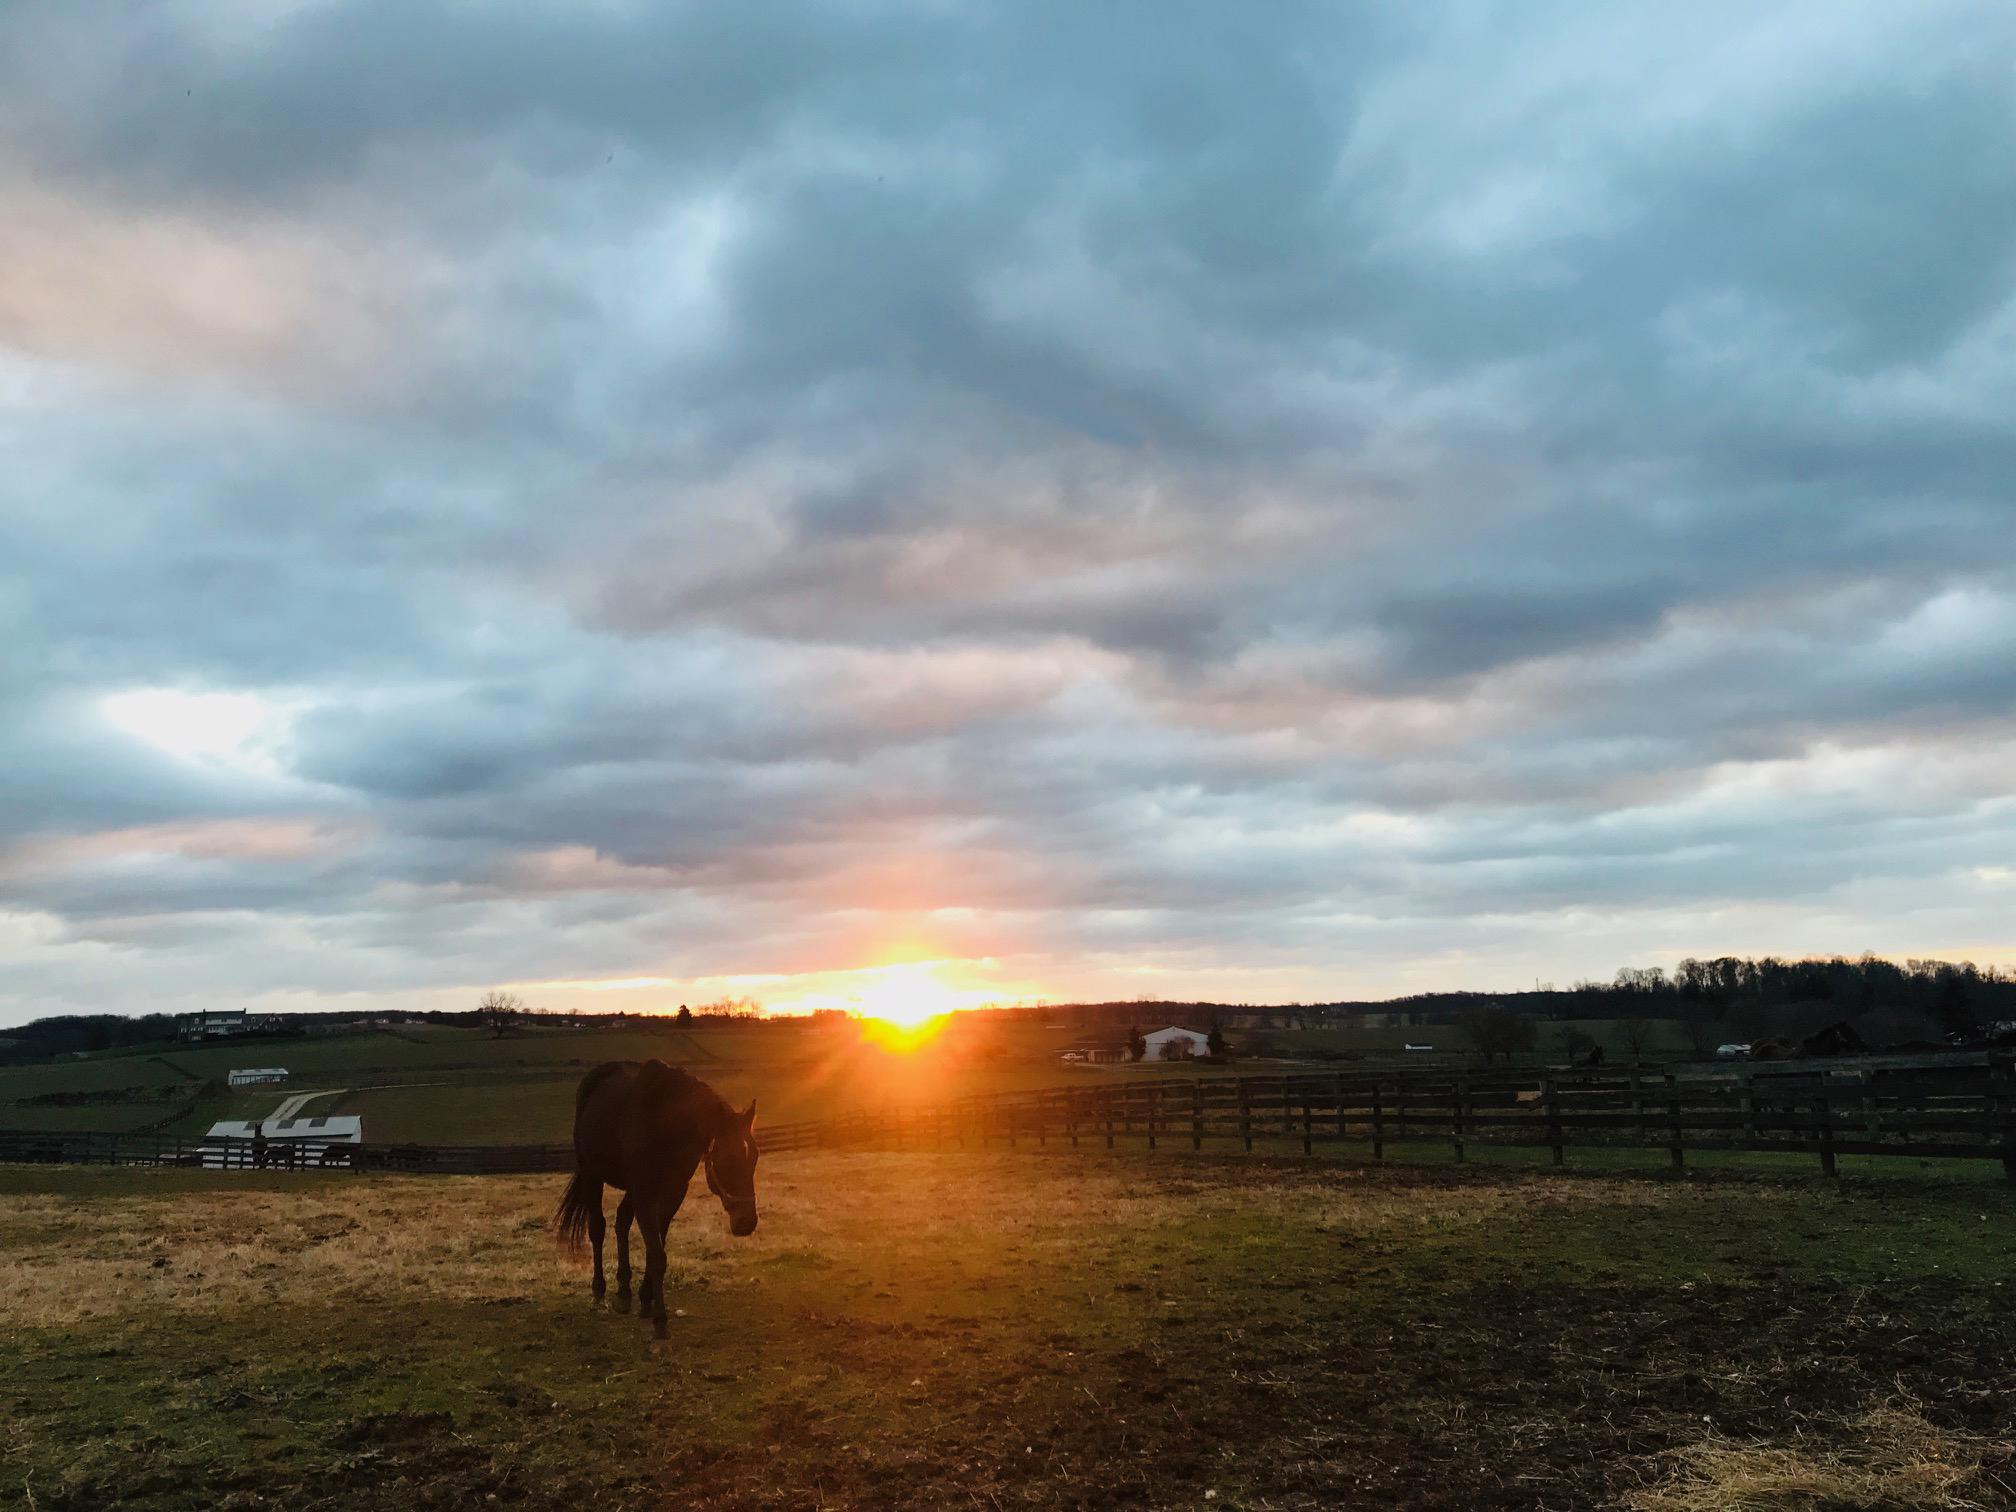 Jack o' Lantern at sunrise.